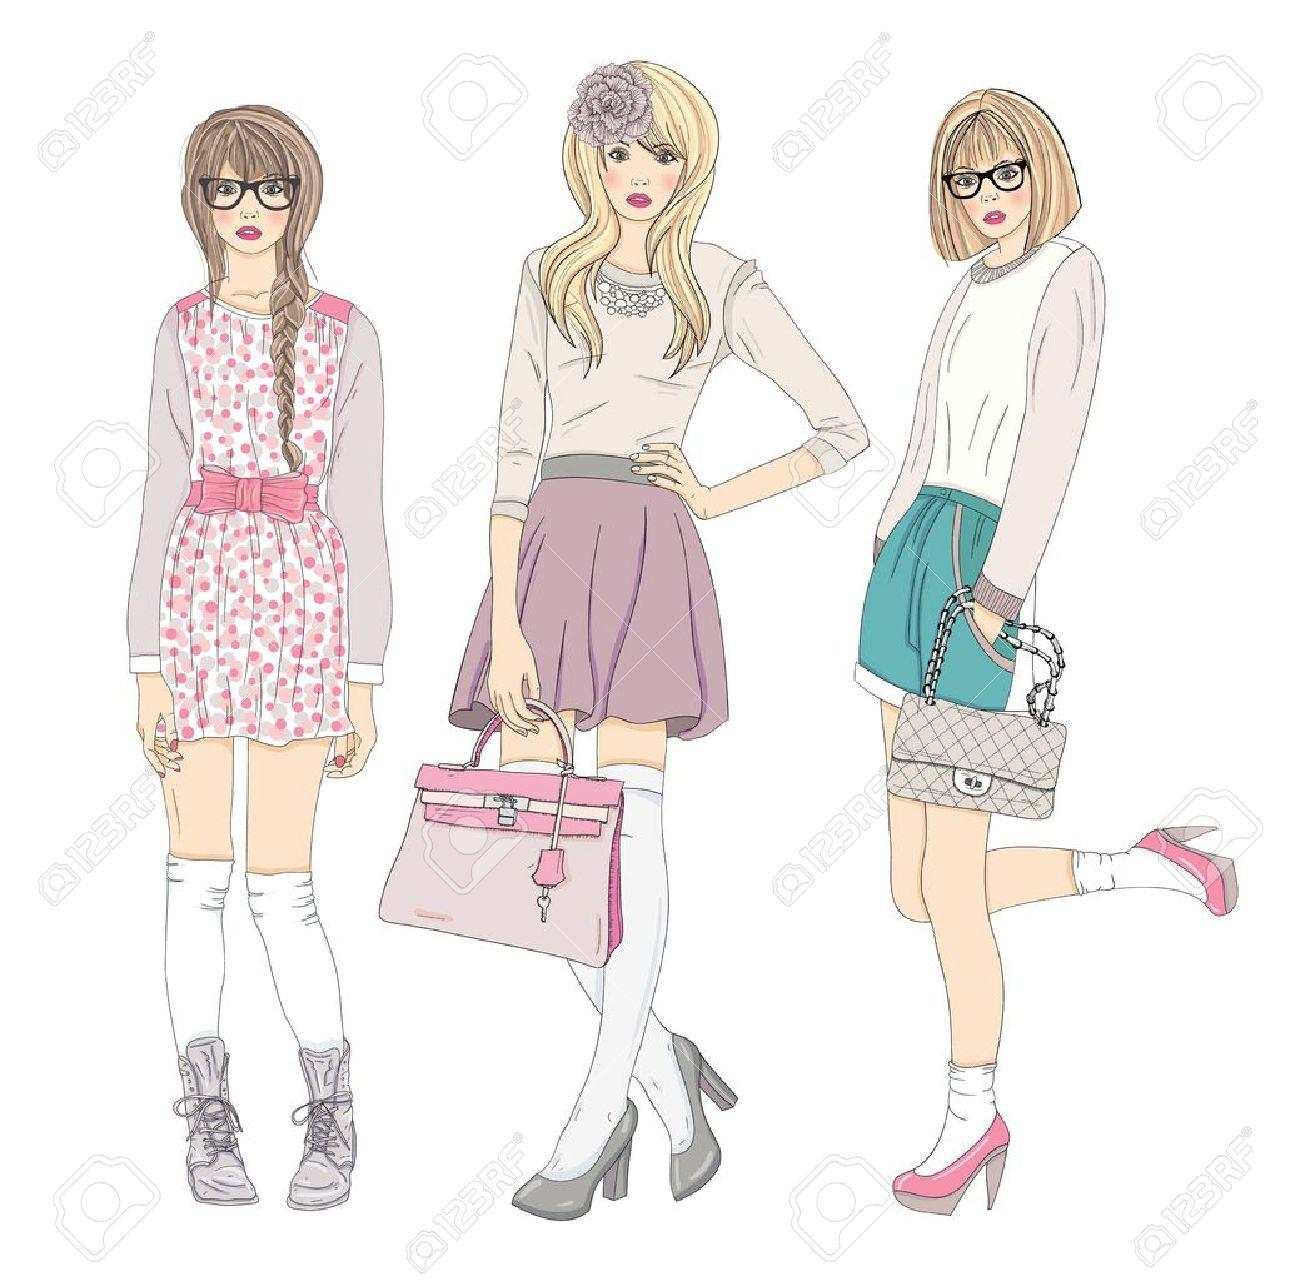 若者のファッションの女の子のイラストベクトル イラストファッショ